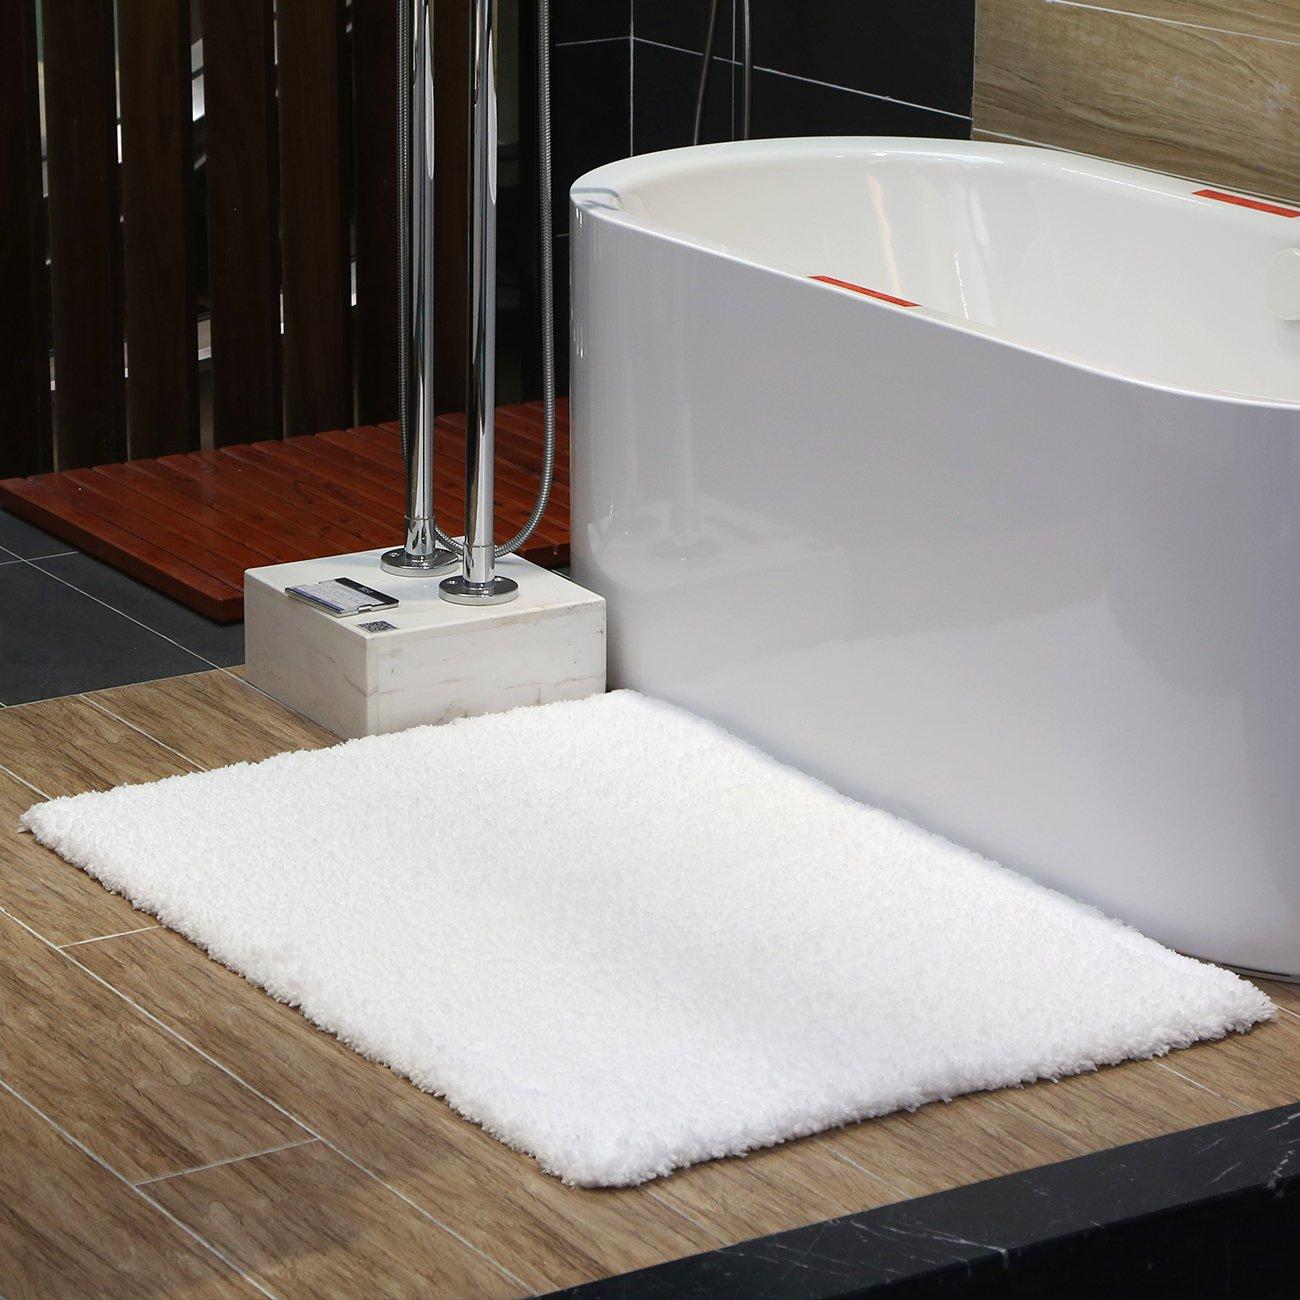 Amazon.co.uk: Bath Mats: Home \u0026 Kitchen